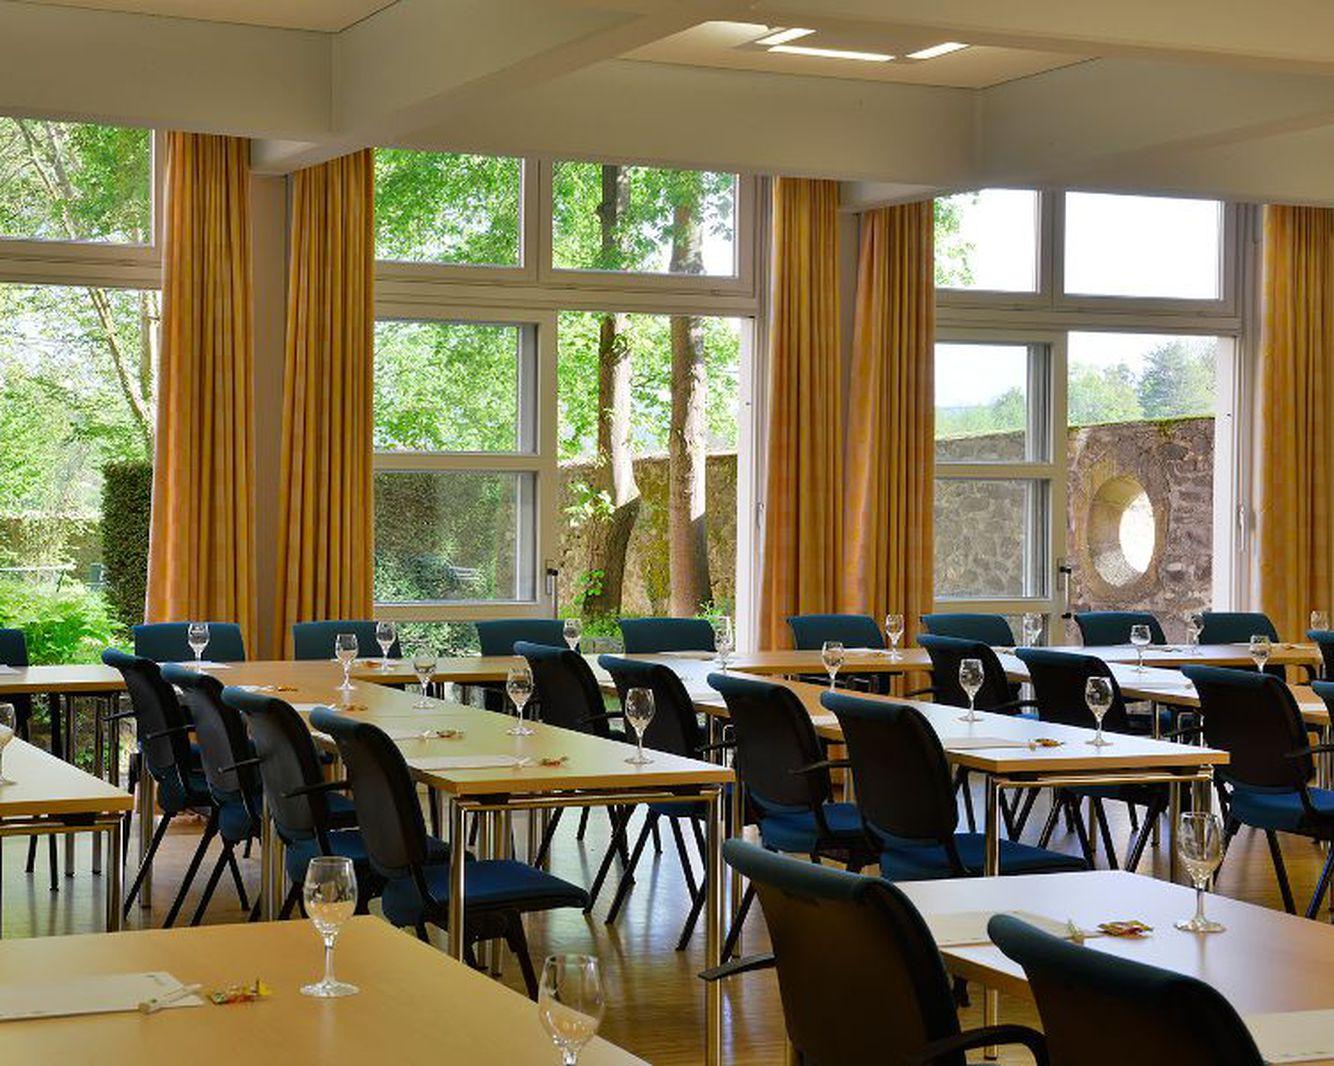 Kloster schmerlenbach veranstaltungen